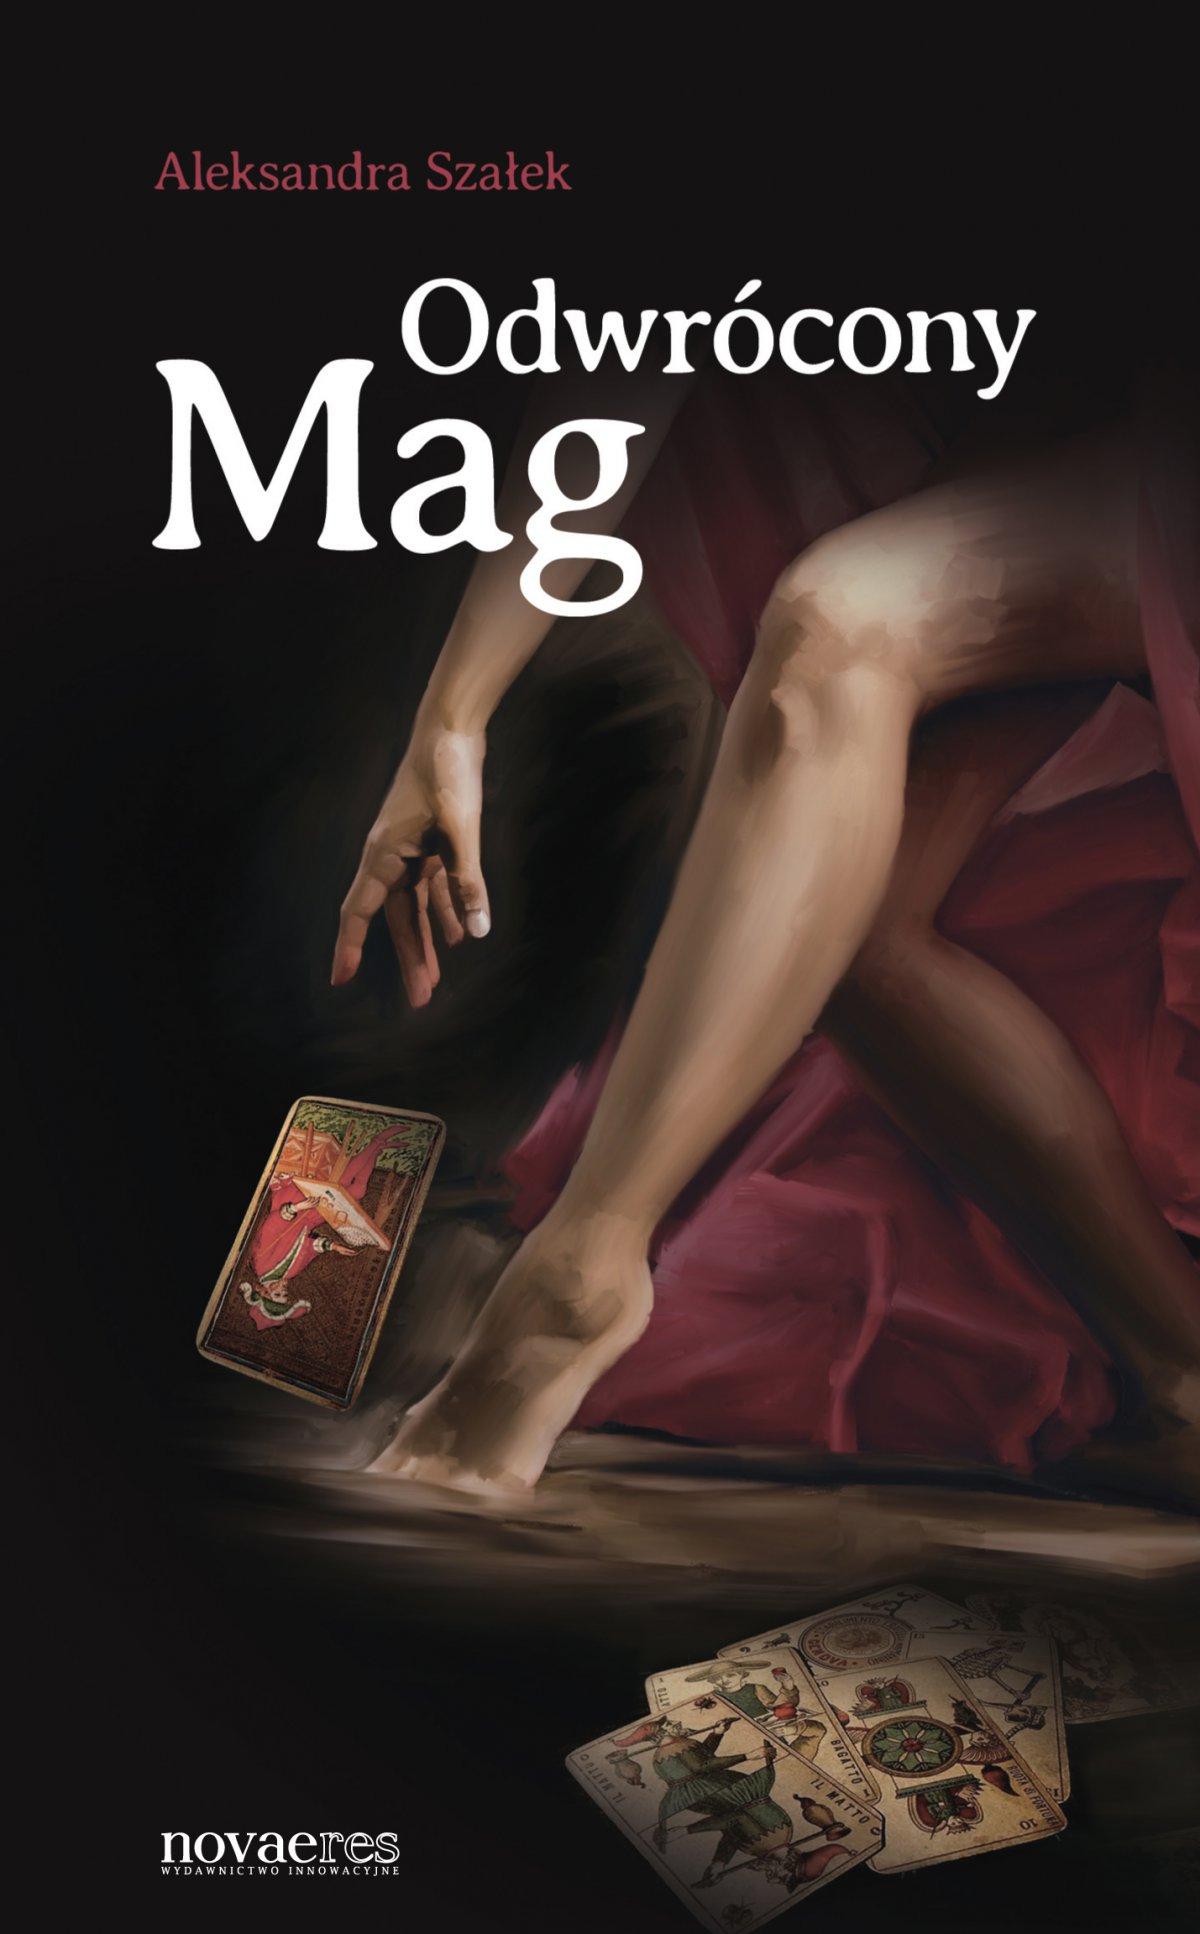 Odwrócony Mag - Ebook (Książka na Kindle) do pobrania w formacie MOBI